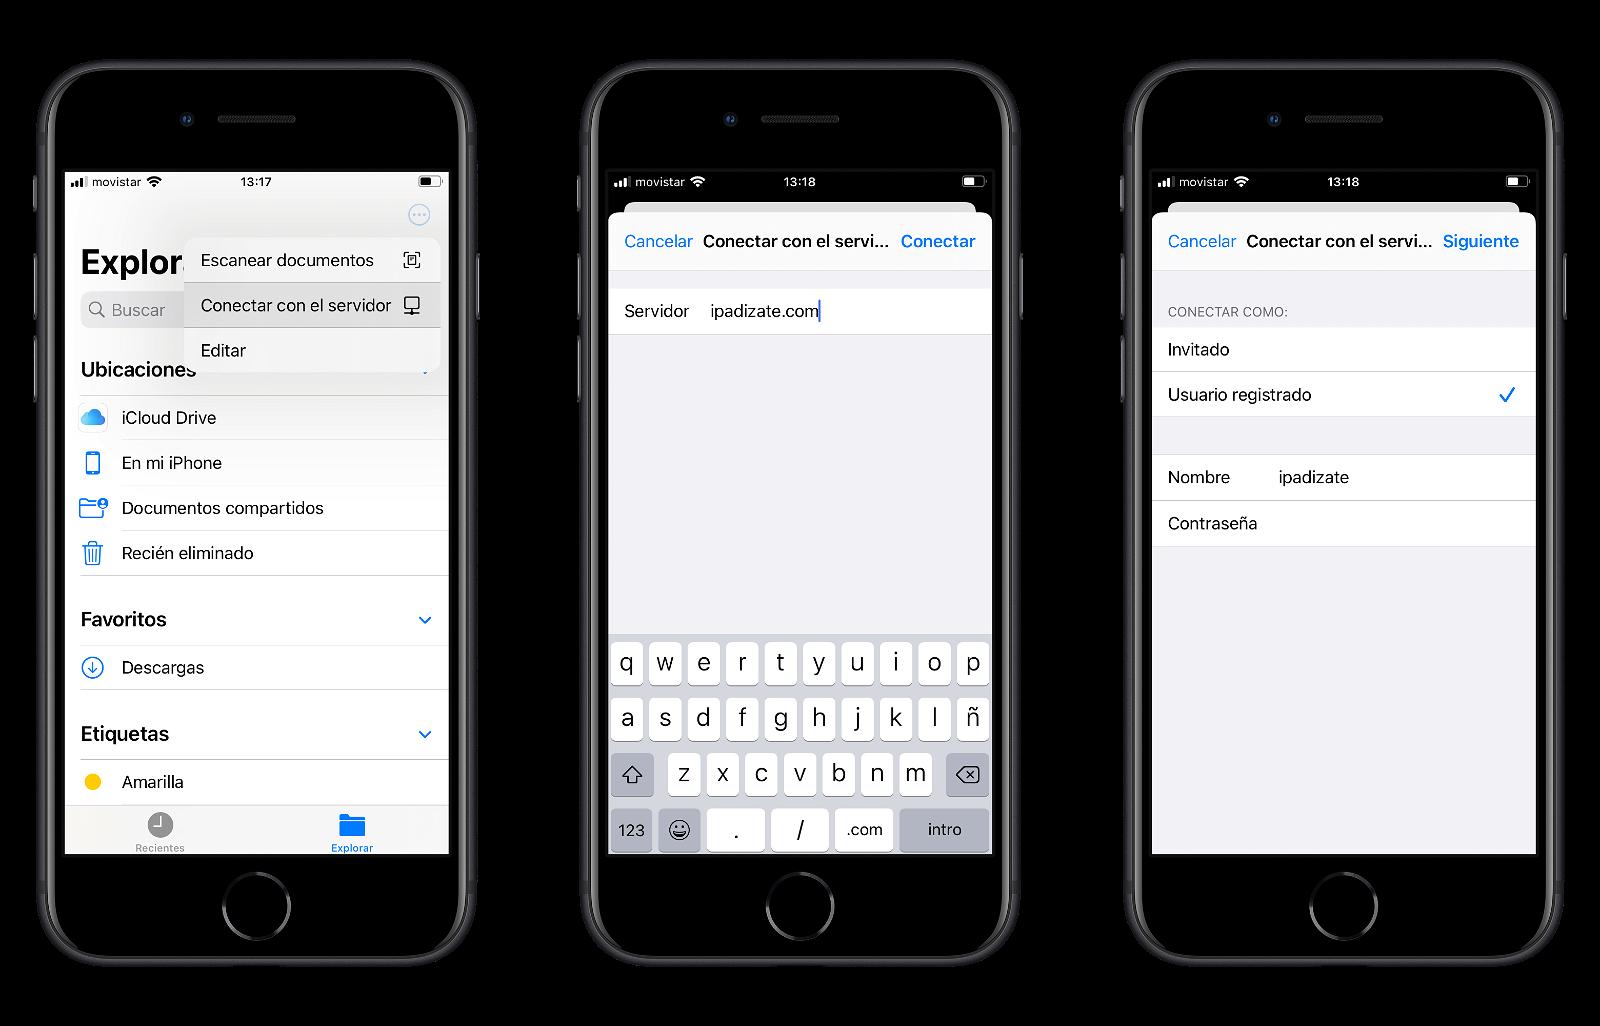 Conectar a disco duro en red desde la app archivos del iPhone o iPad